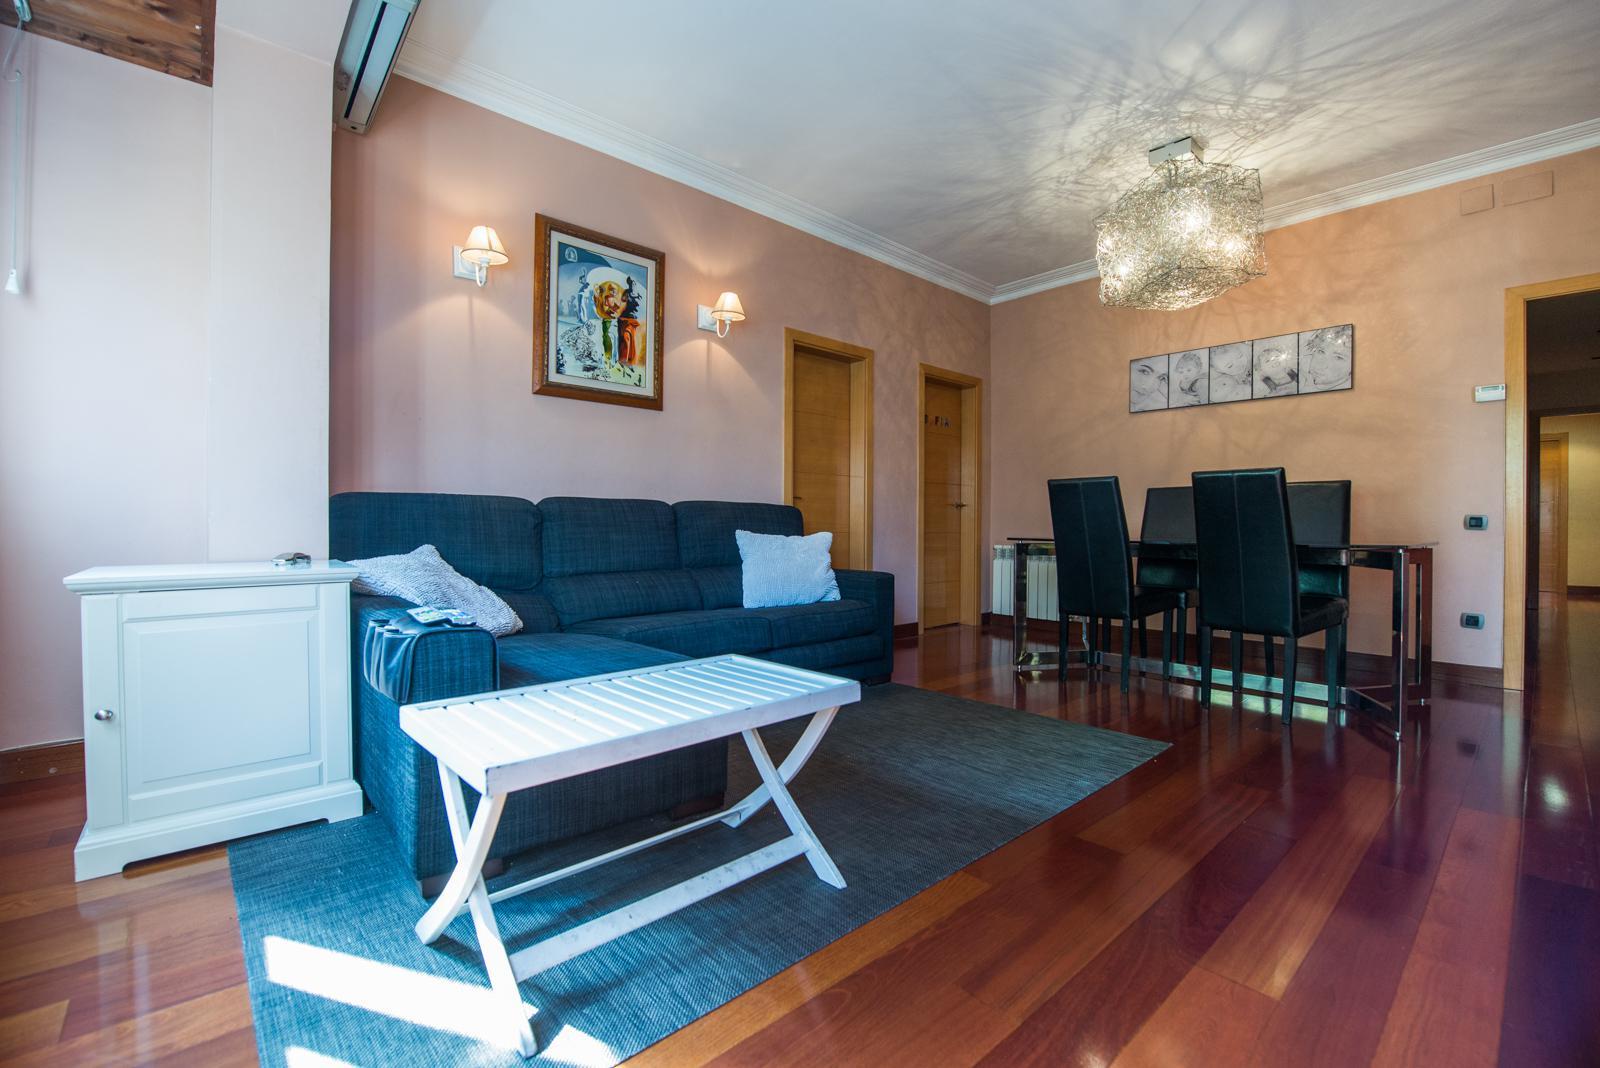 petit-appartement-de-vente-à-jto-parc-de-joan-miró-eixample-esquerra-à-barcelona